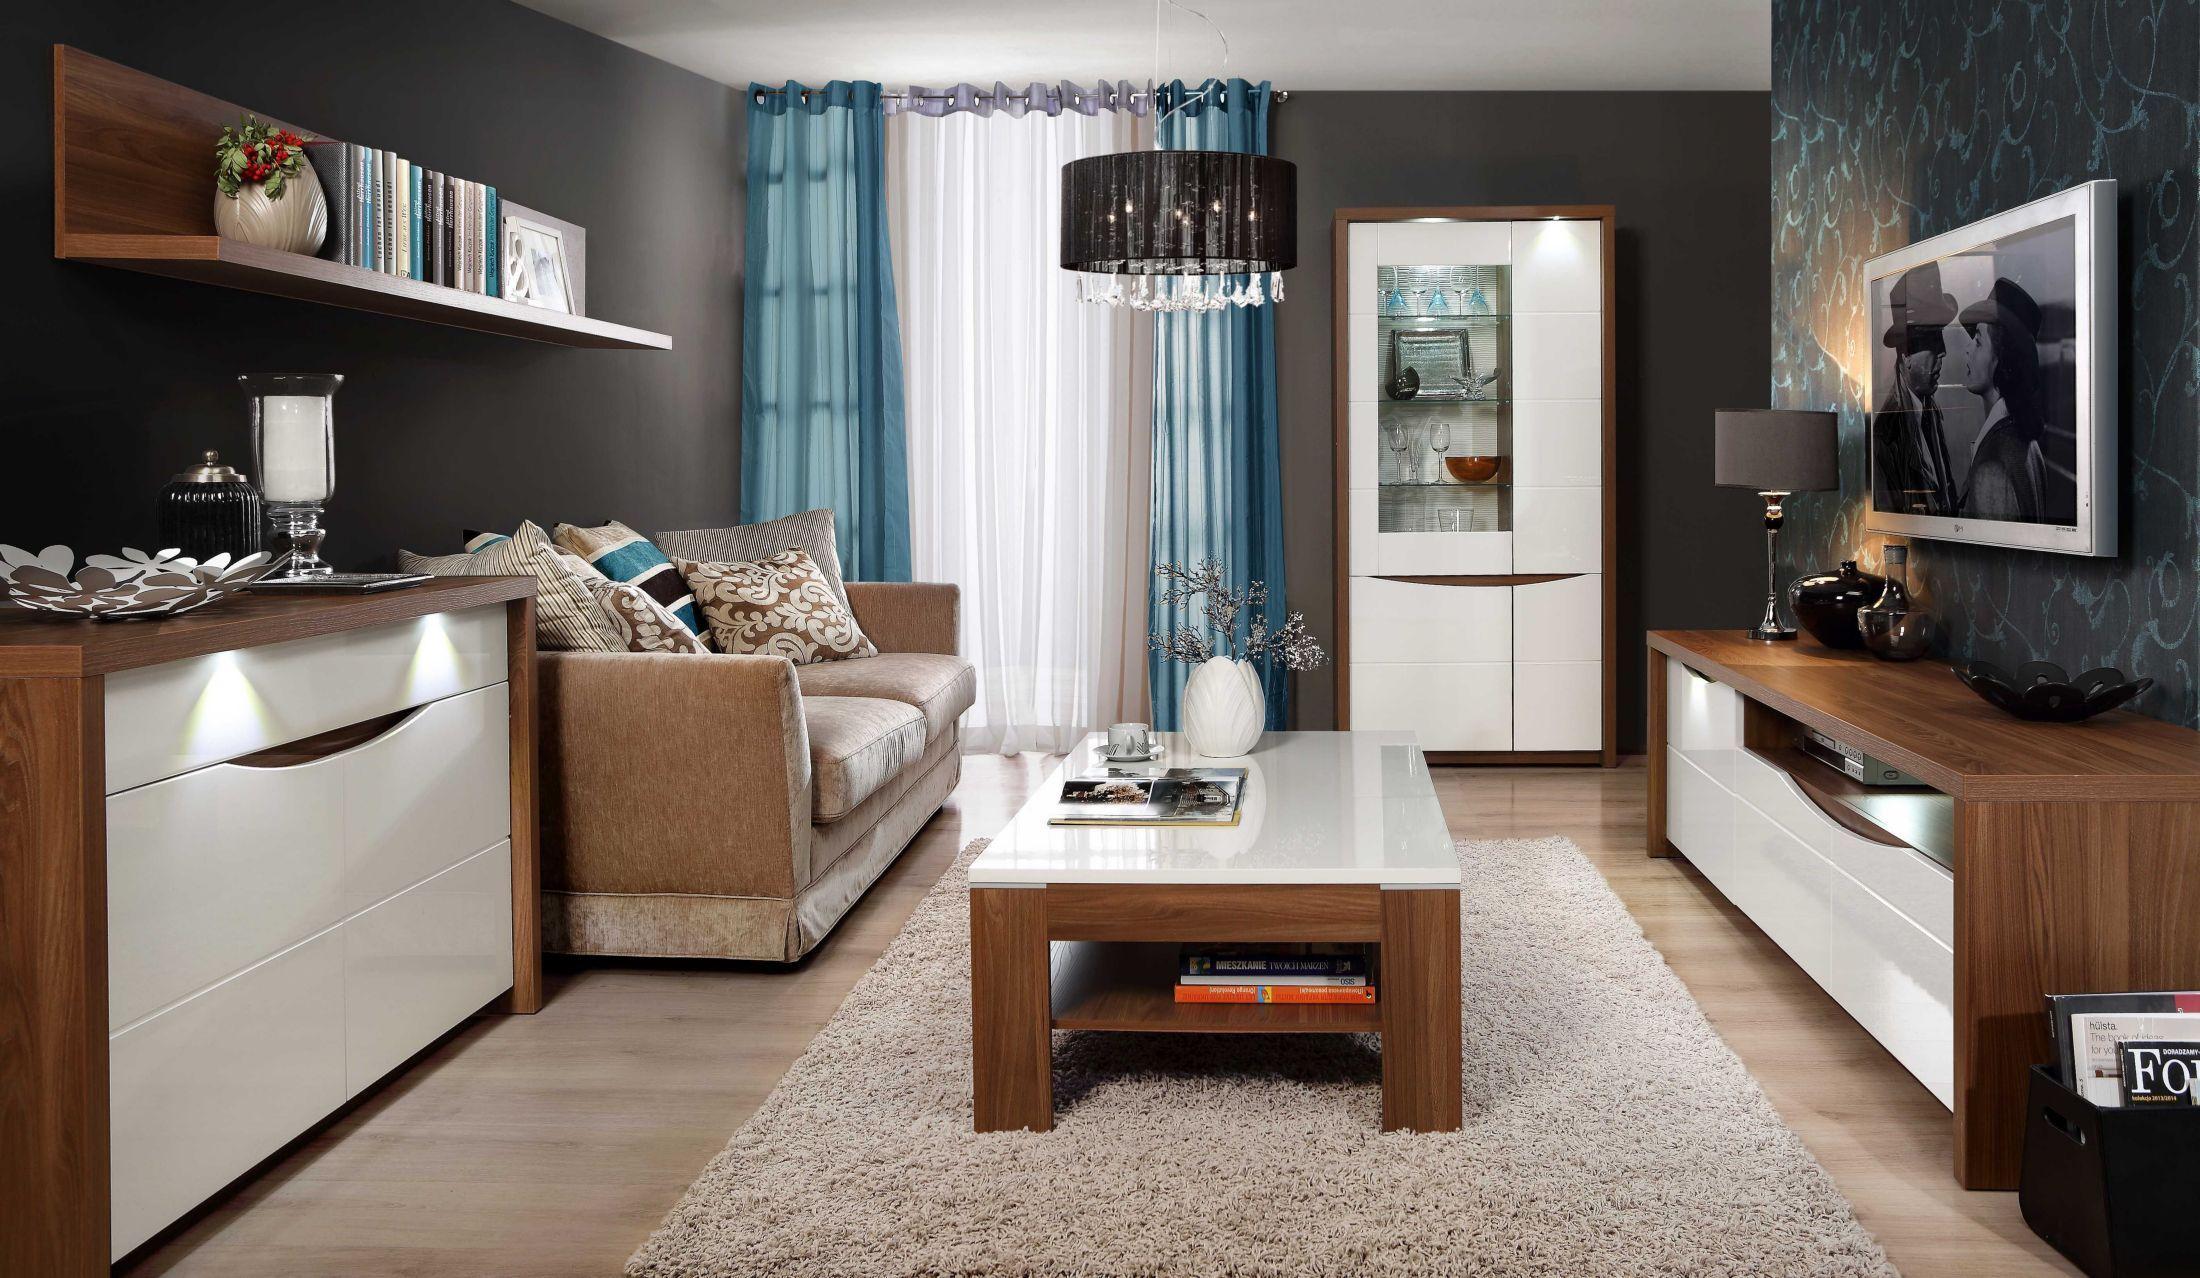 Wohnzimmer Set ~ Wohnzimmer set weiss hochglanz und sangallo eiche woody